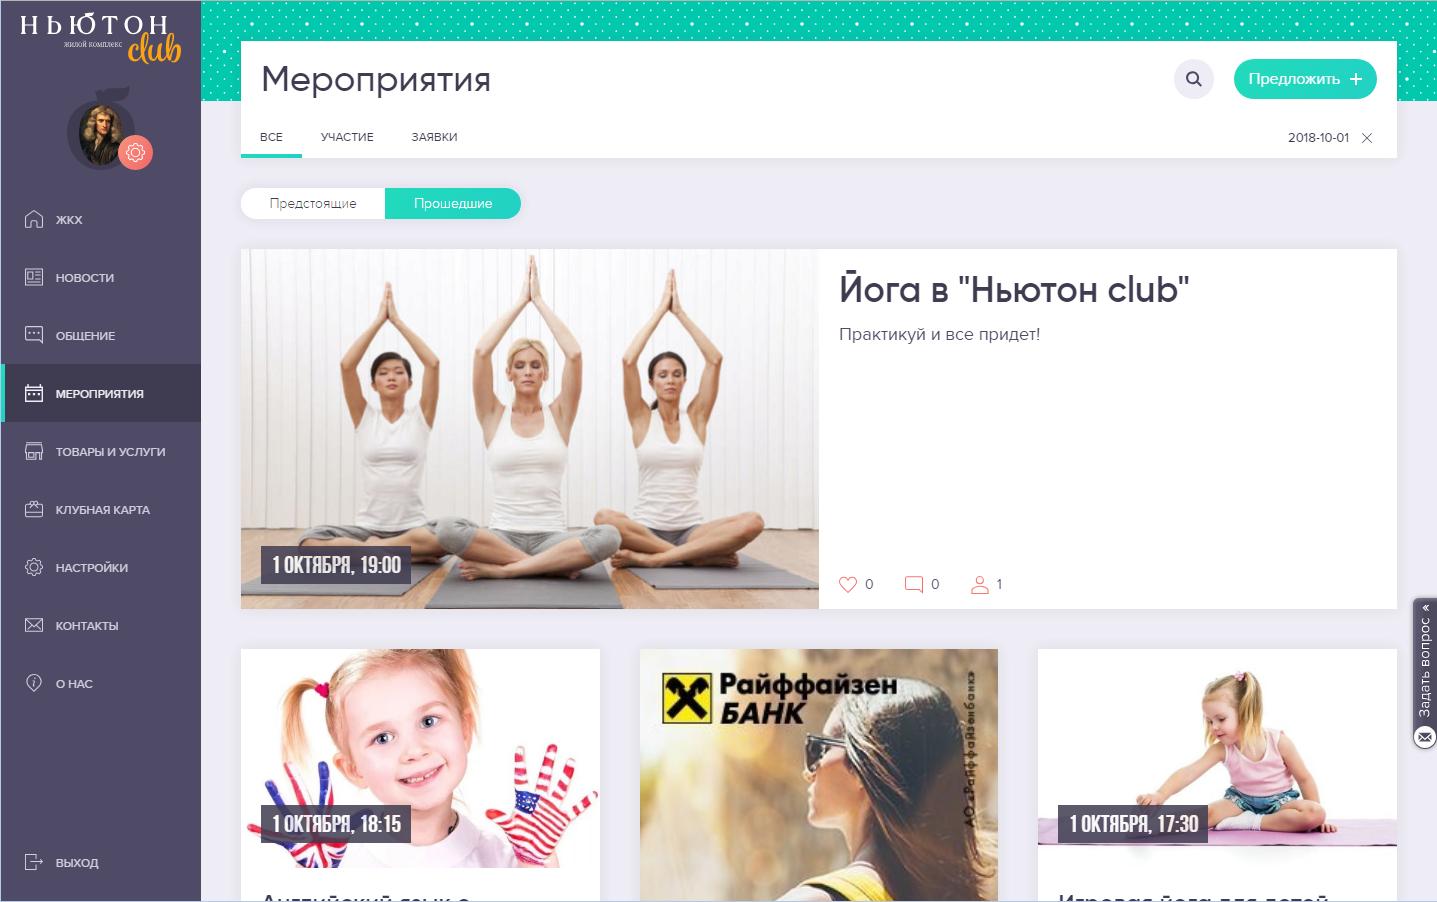 Онлайн-сервис «Ньютон club»